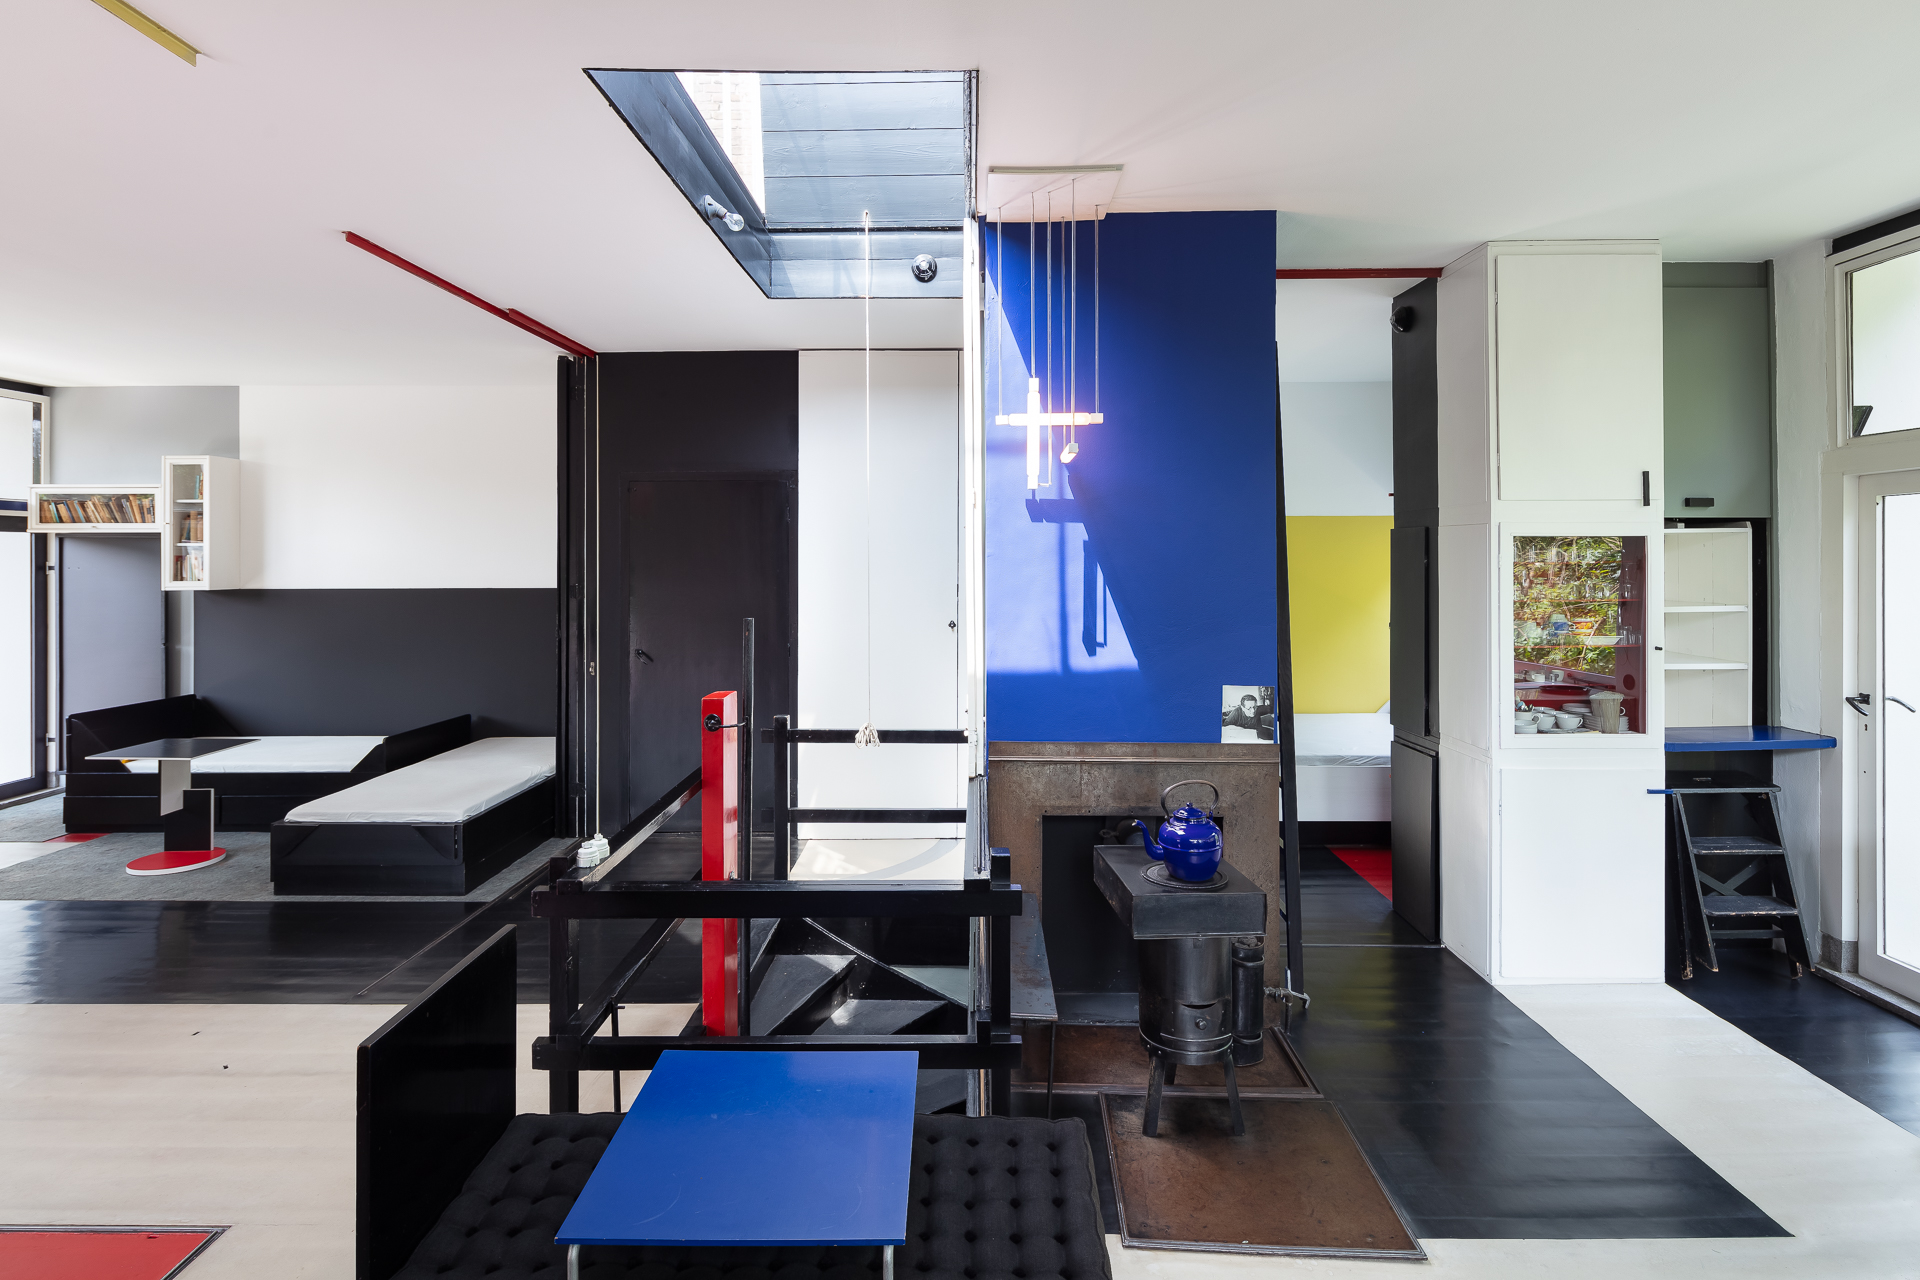 SP2018-Rietveld-Schroderhuis-29-LowRes